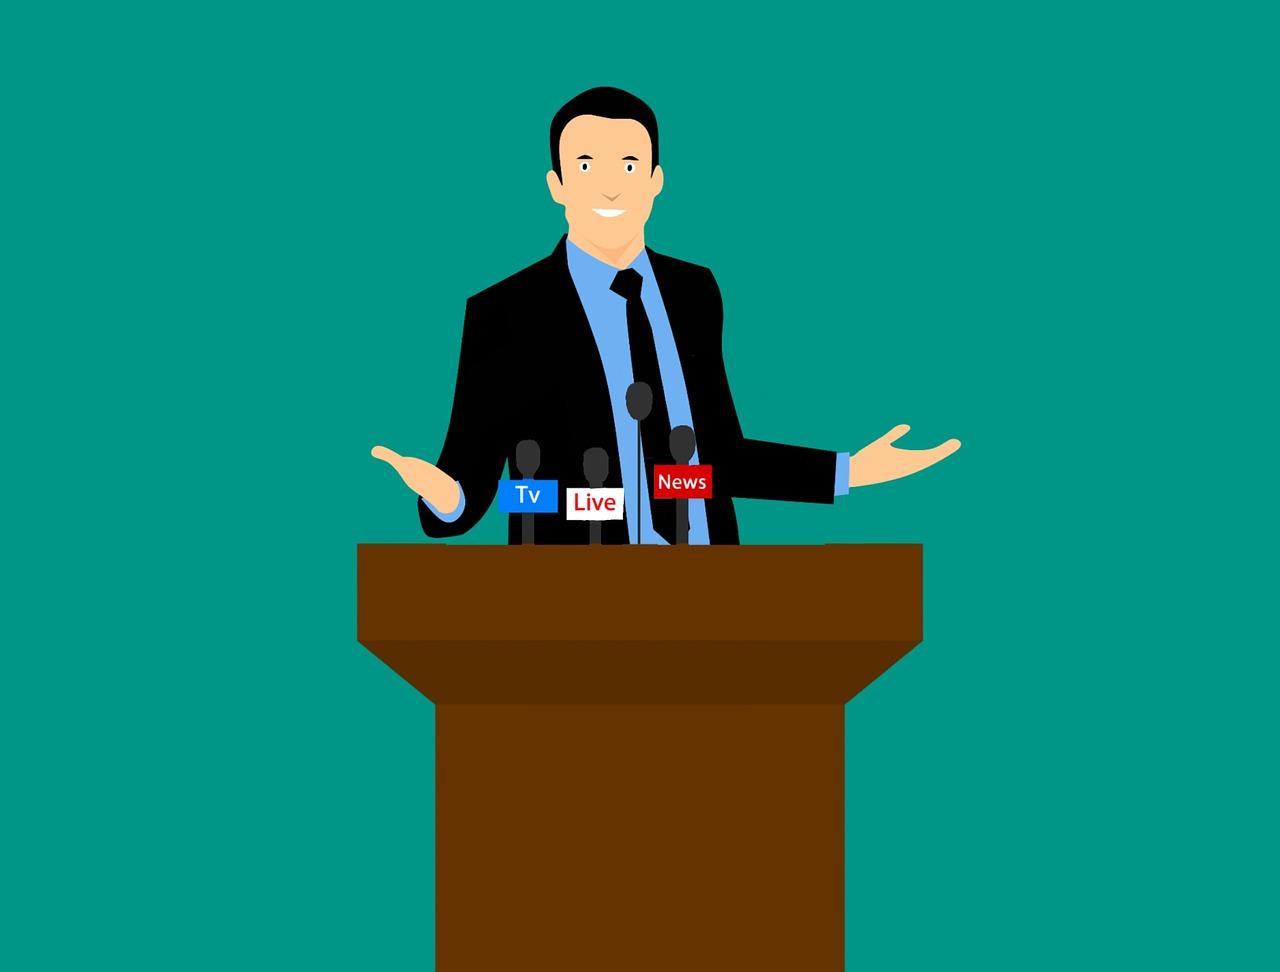 修士論文中間報告会は、主観的視点に客観的視点を取り込む機会。